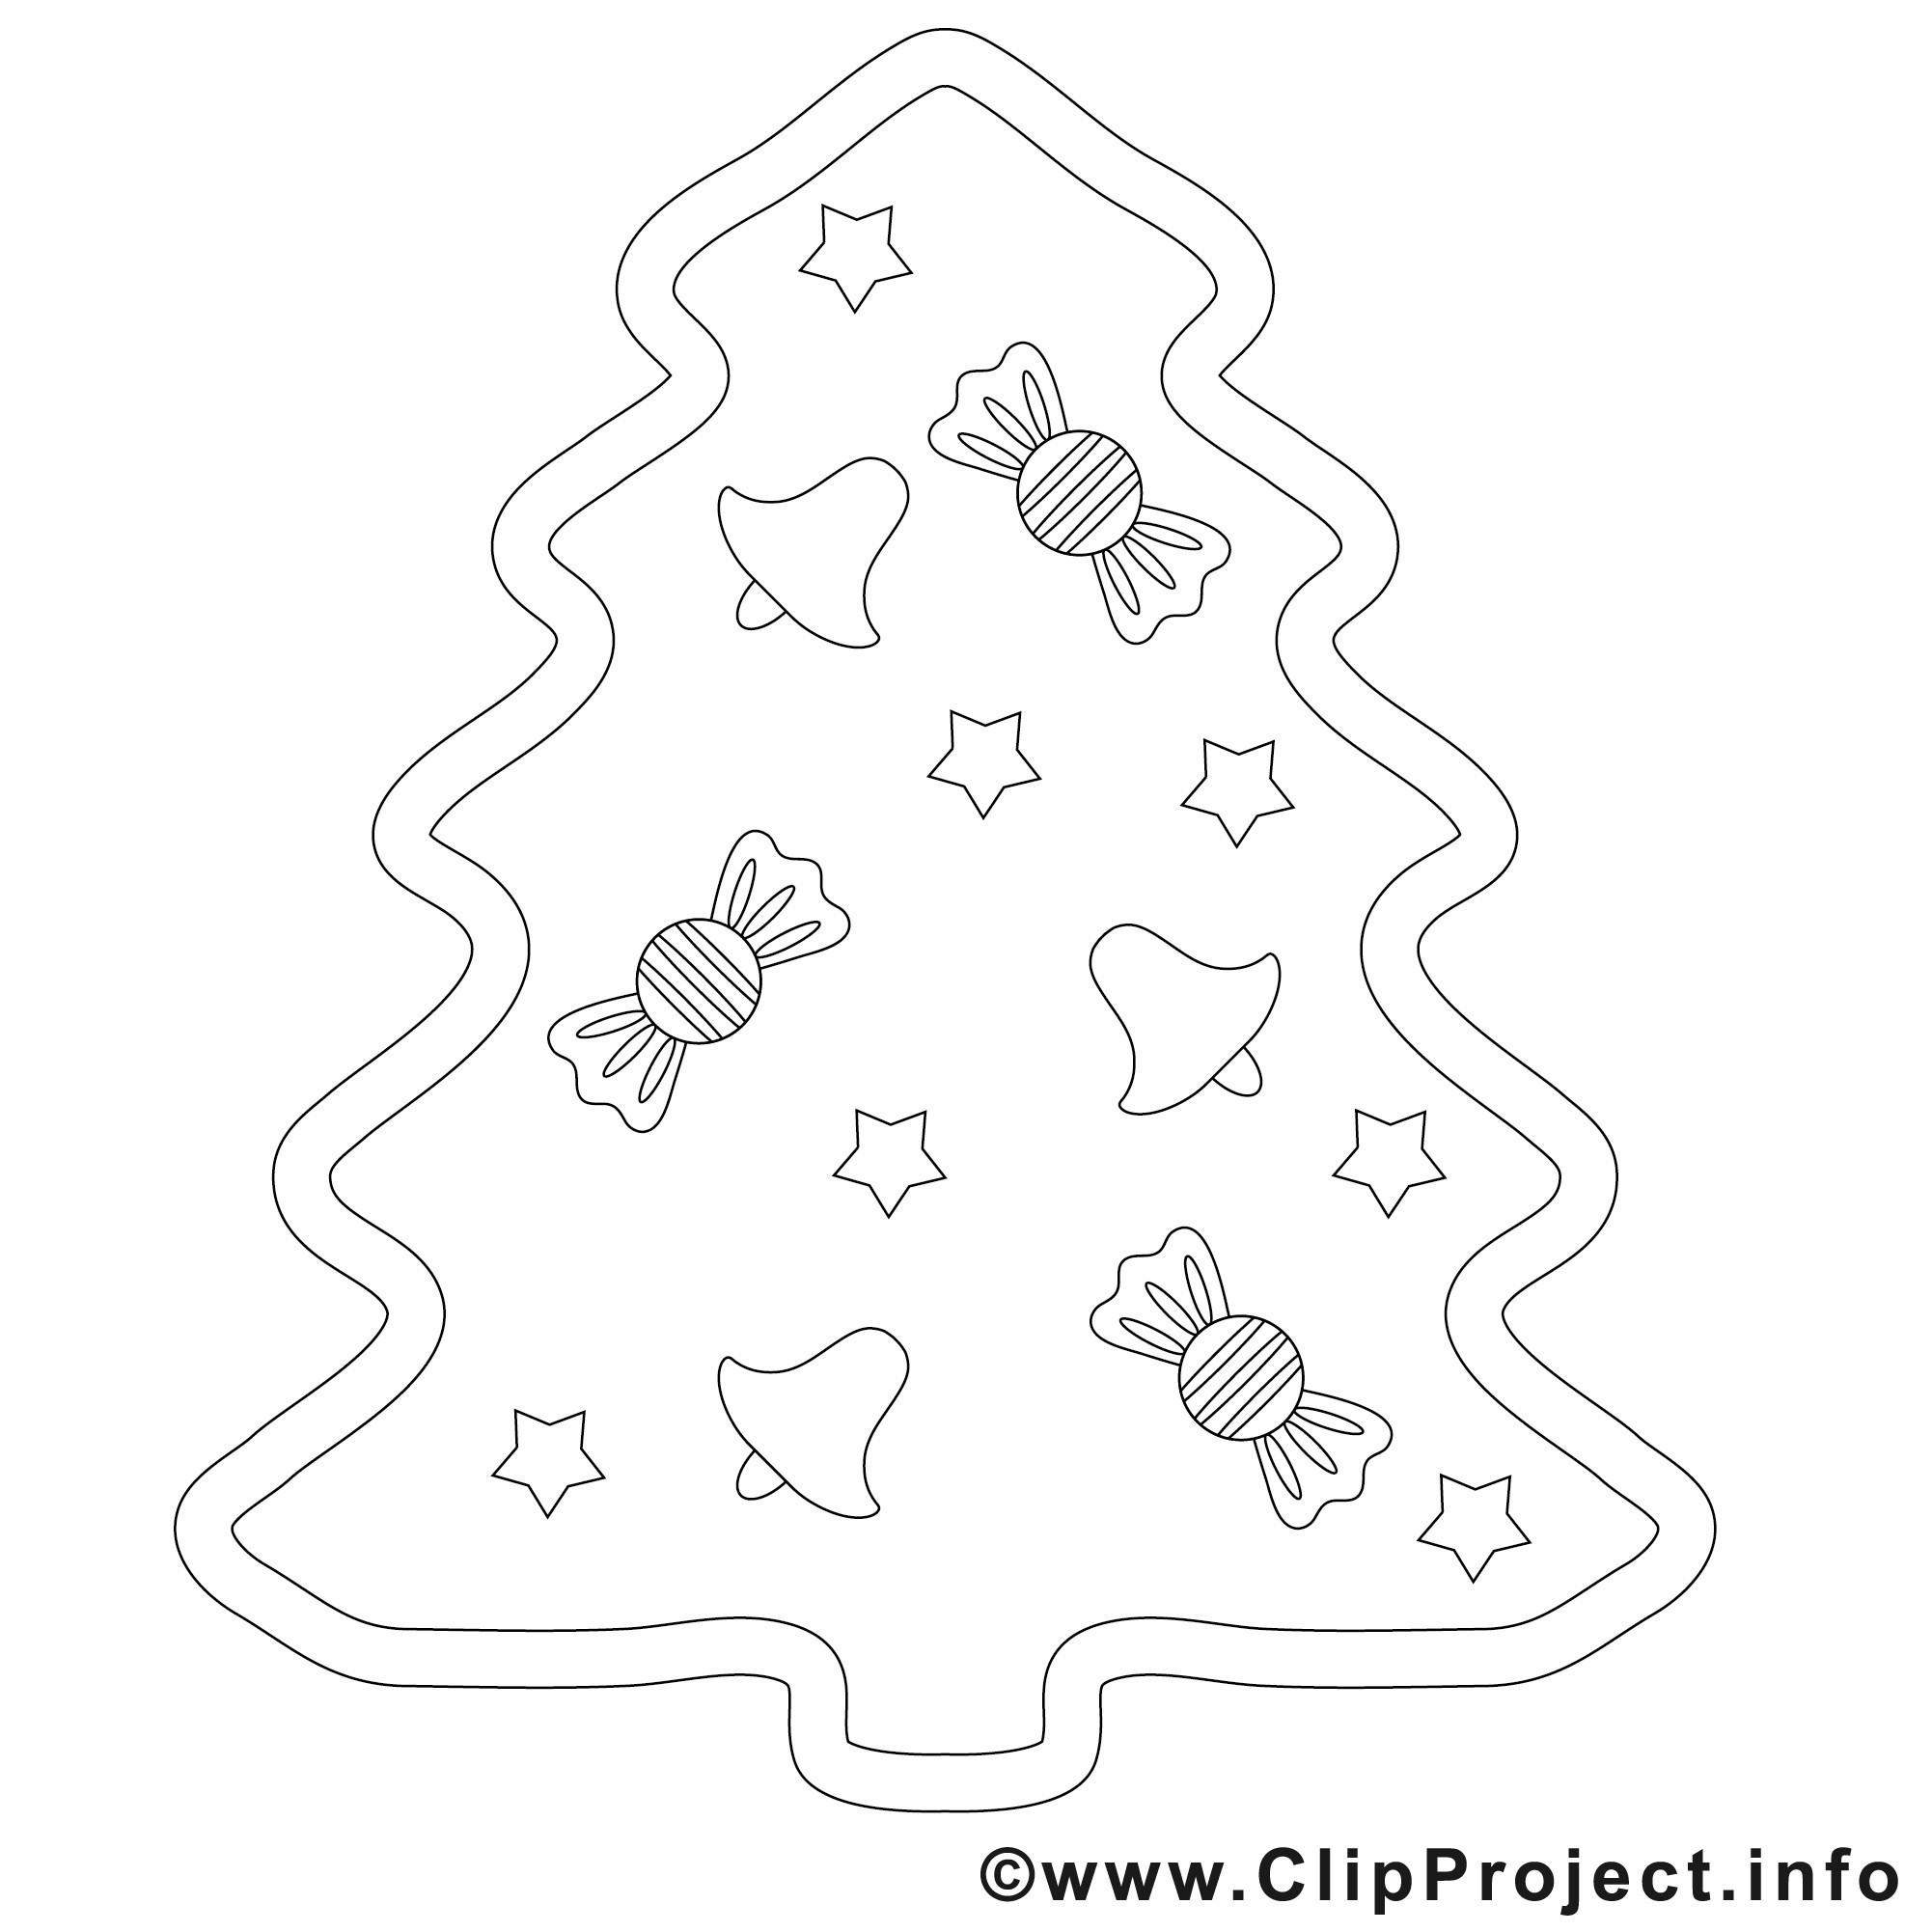 Ausmalbilder Weihnachten Christbaum Frisch Tannenbaum Zum Ausmalen Bild